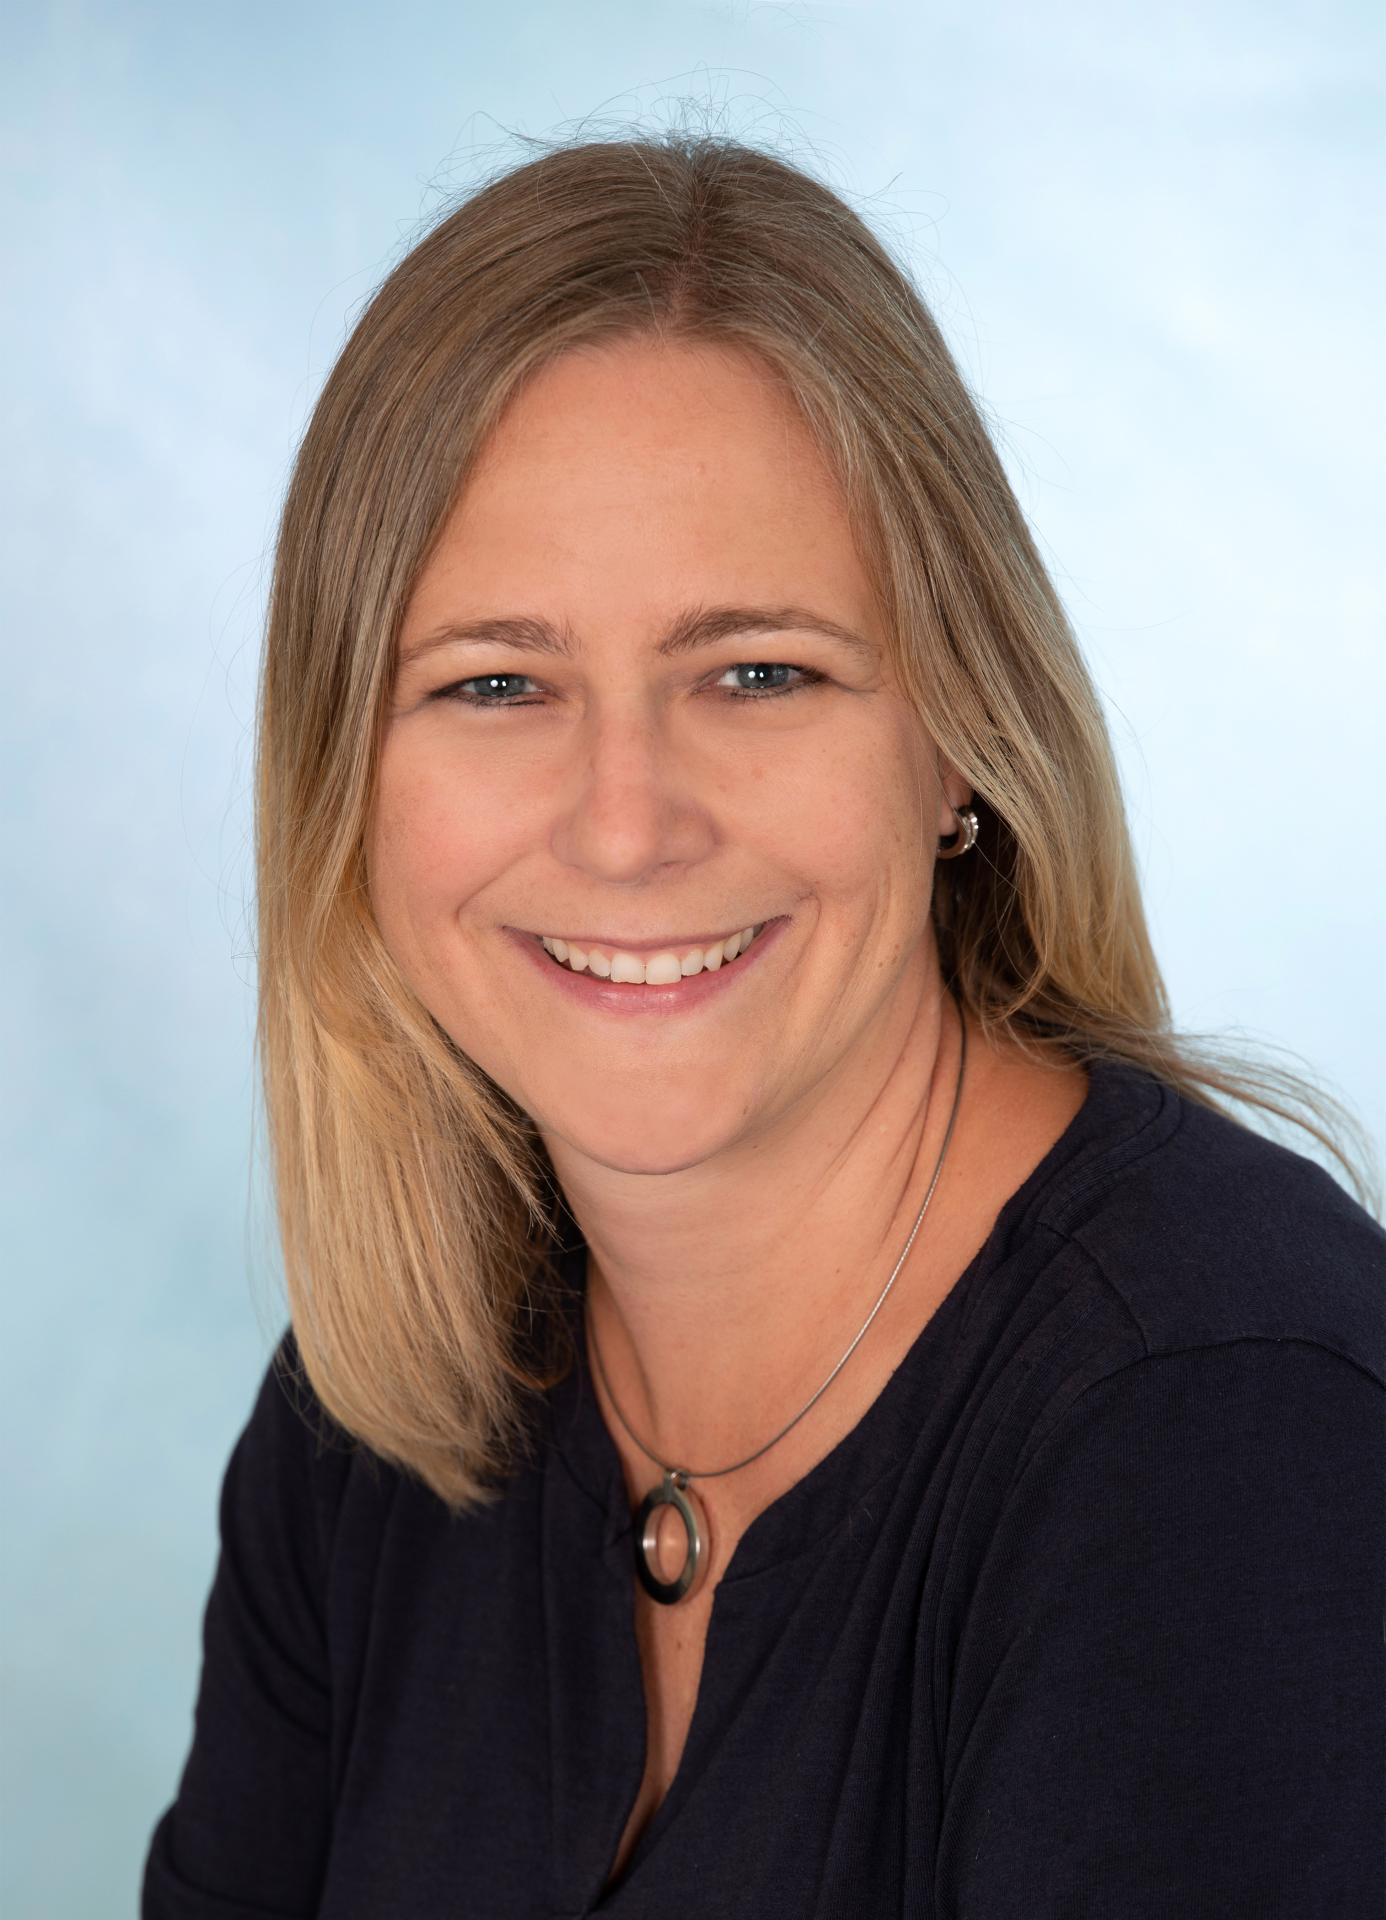 Frau Kleinsimon